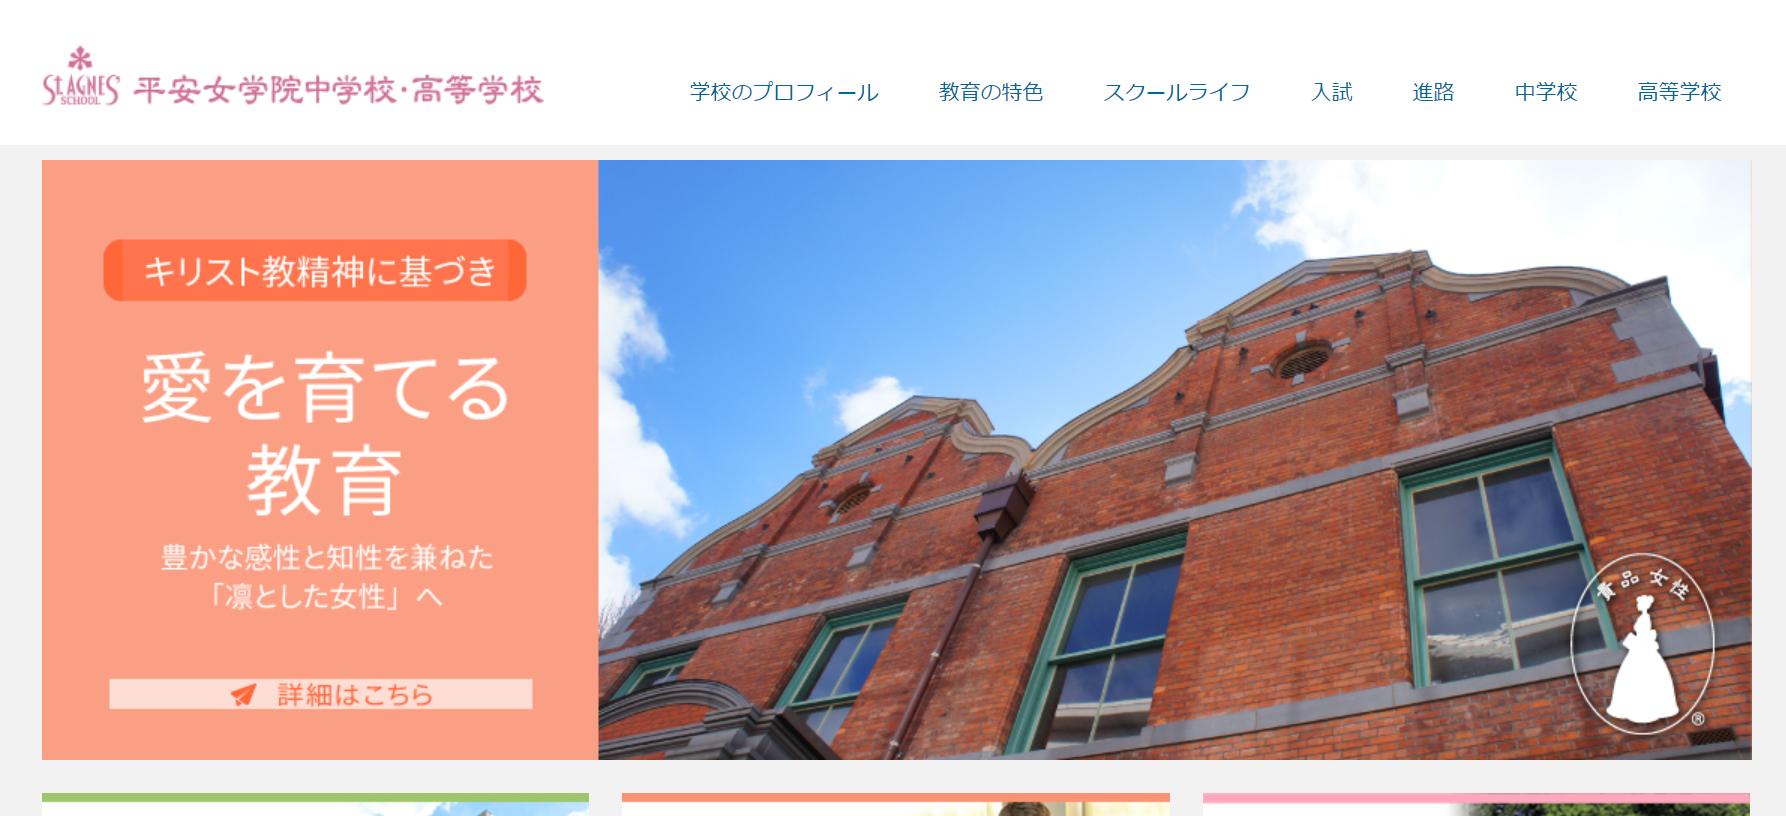 平安女学院高校の口コミ・評判